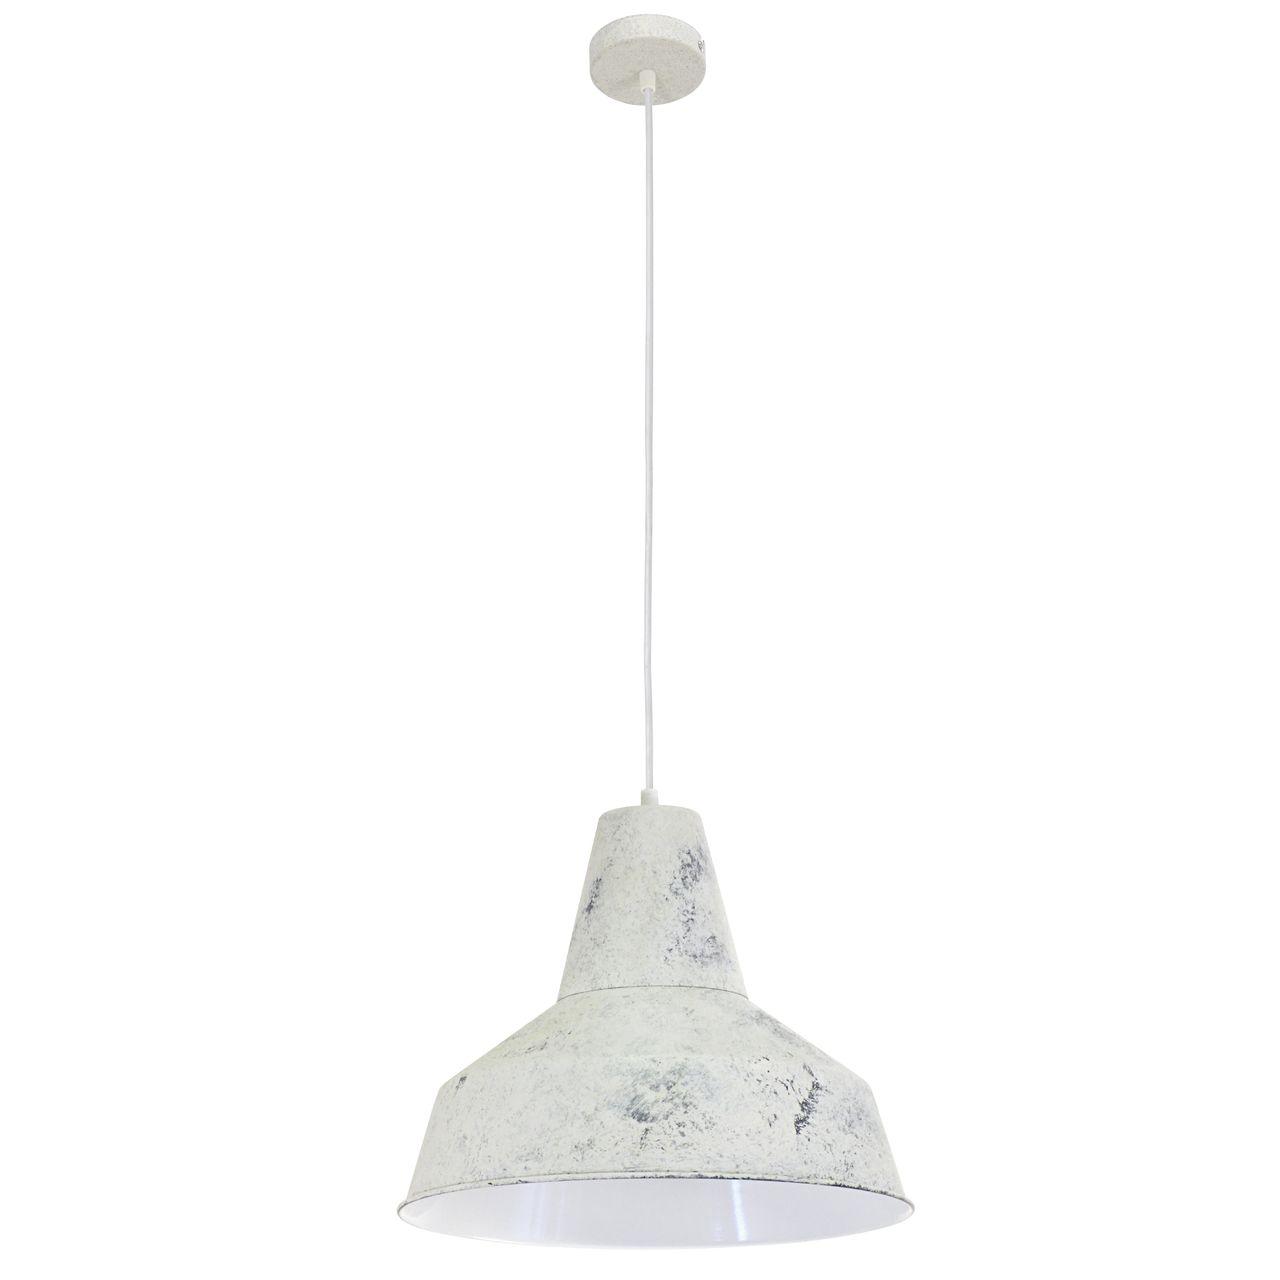 Подвесной светильник Eglo Vintage 49249 подвесной светильник eglo vintage 49246